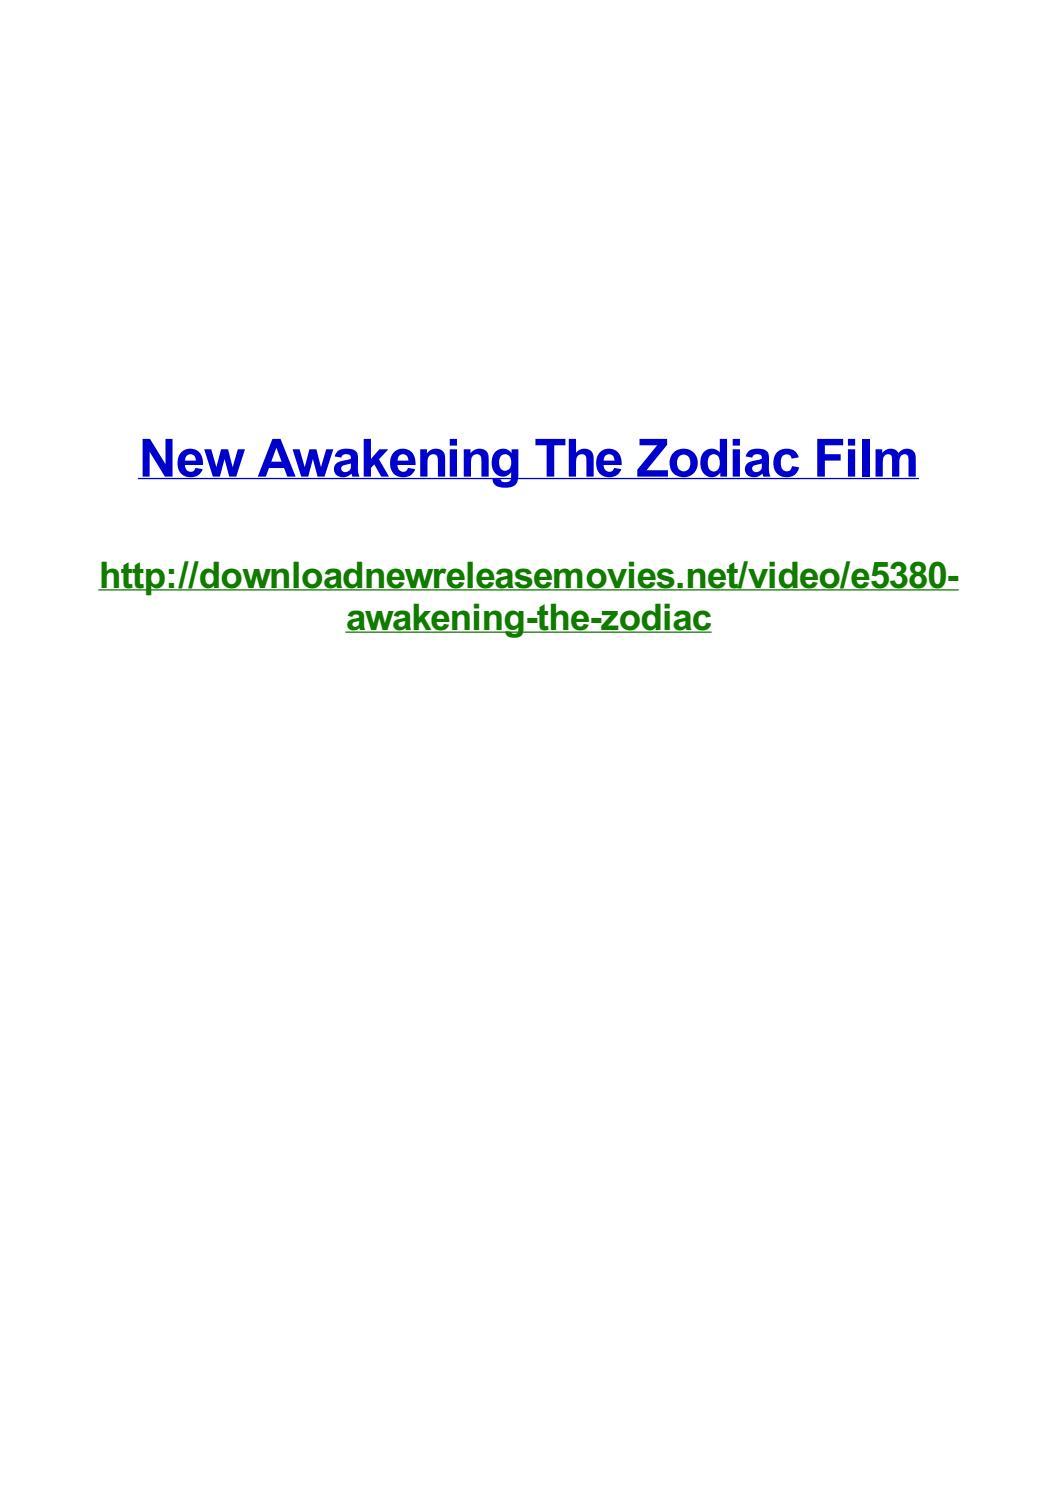 New Awakening The Zodiac Film By Frank Seamons Issuu